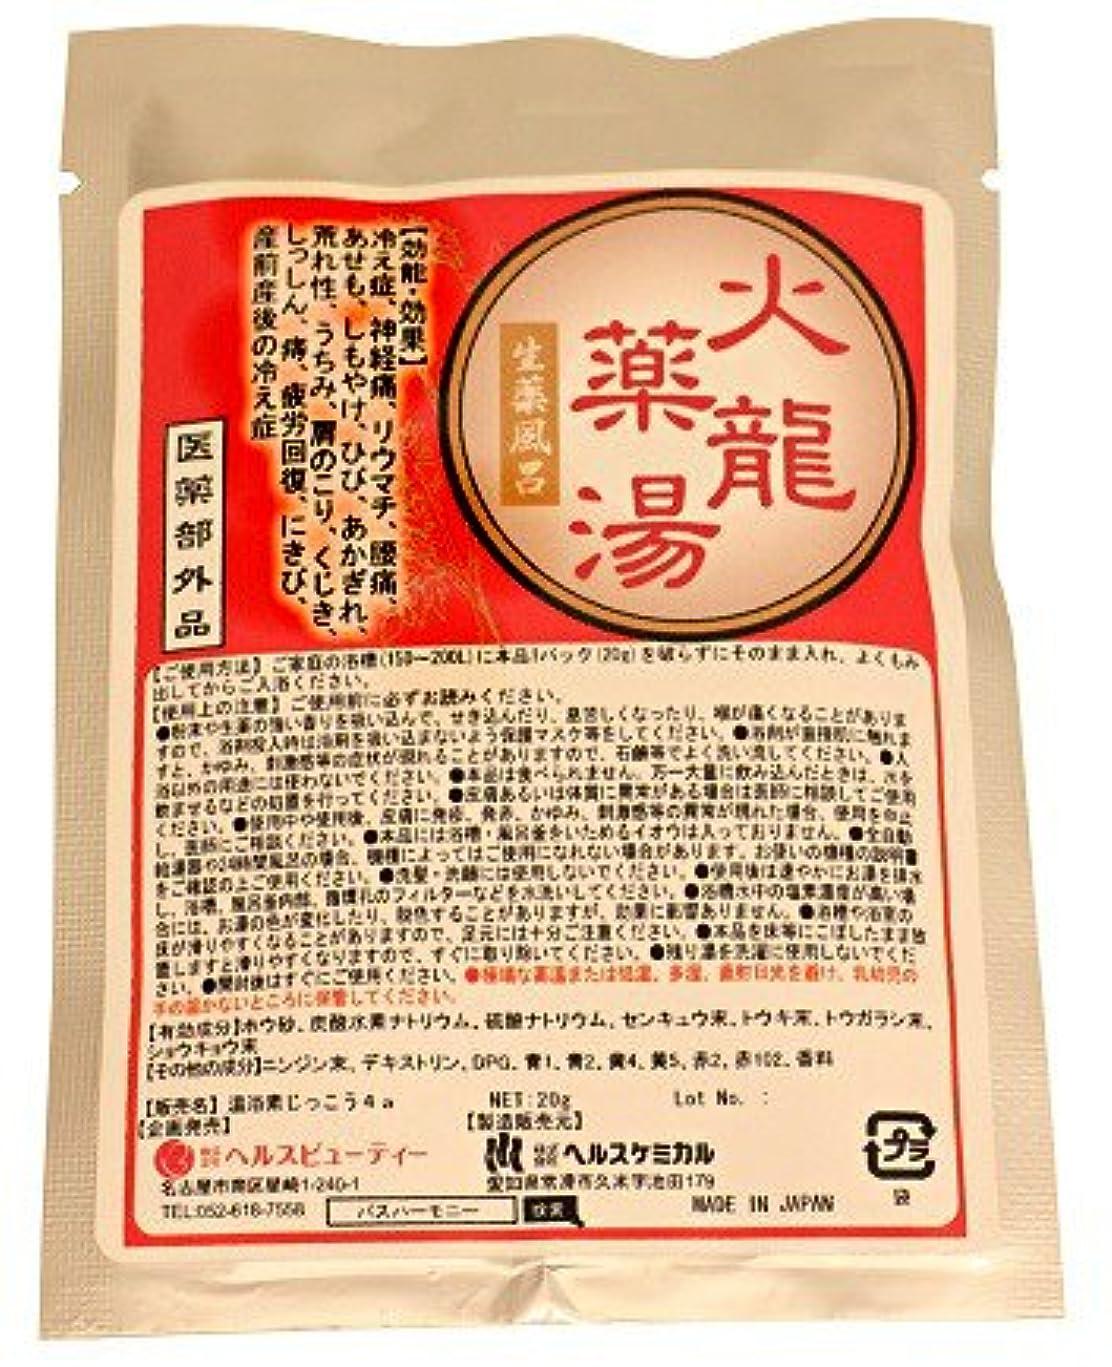 抜粋レンダリングあたたかい火龍 薬湯 分包 タイプ 1回分 生薬 薬湯 天然生薬 の 香り 医薬部外品